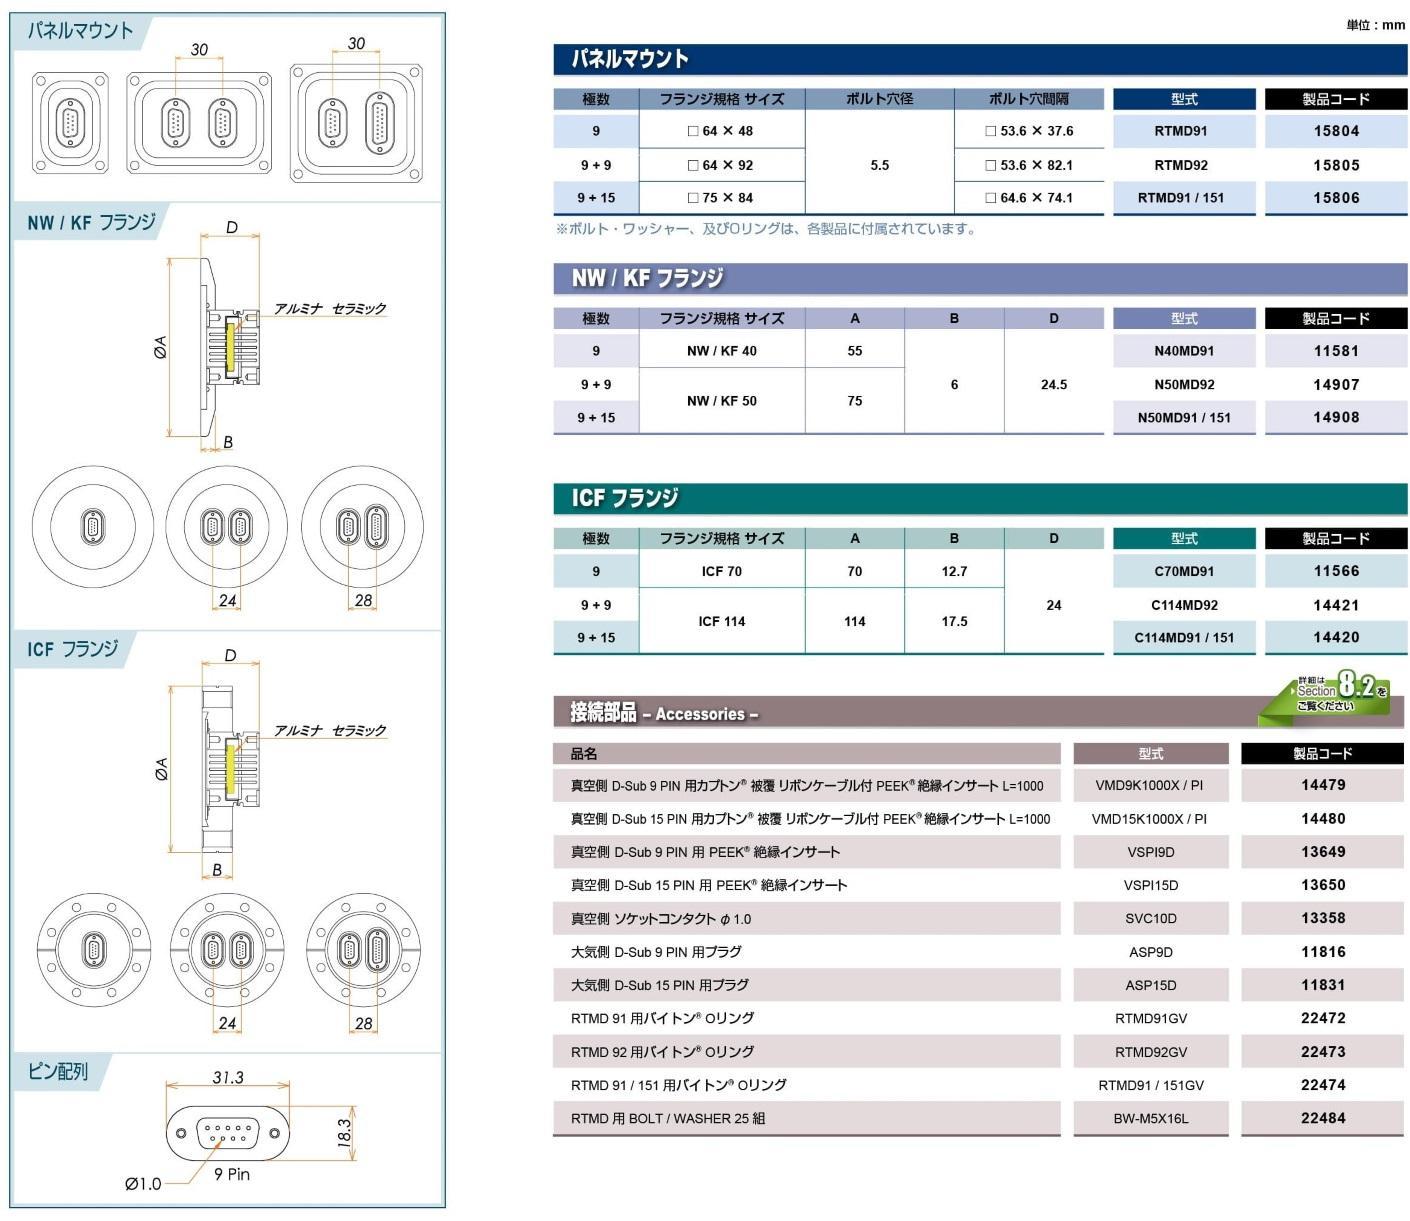 フィードスルー 多ピン D-Sub (MIL-C-24308) 9PIN カタログ画像